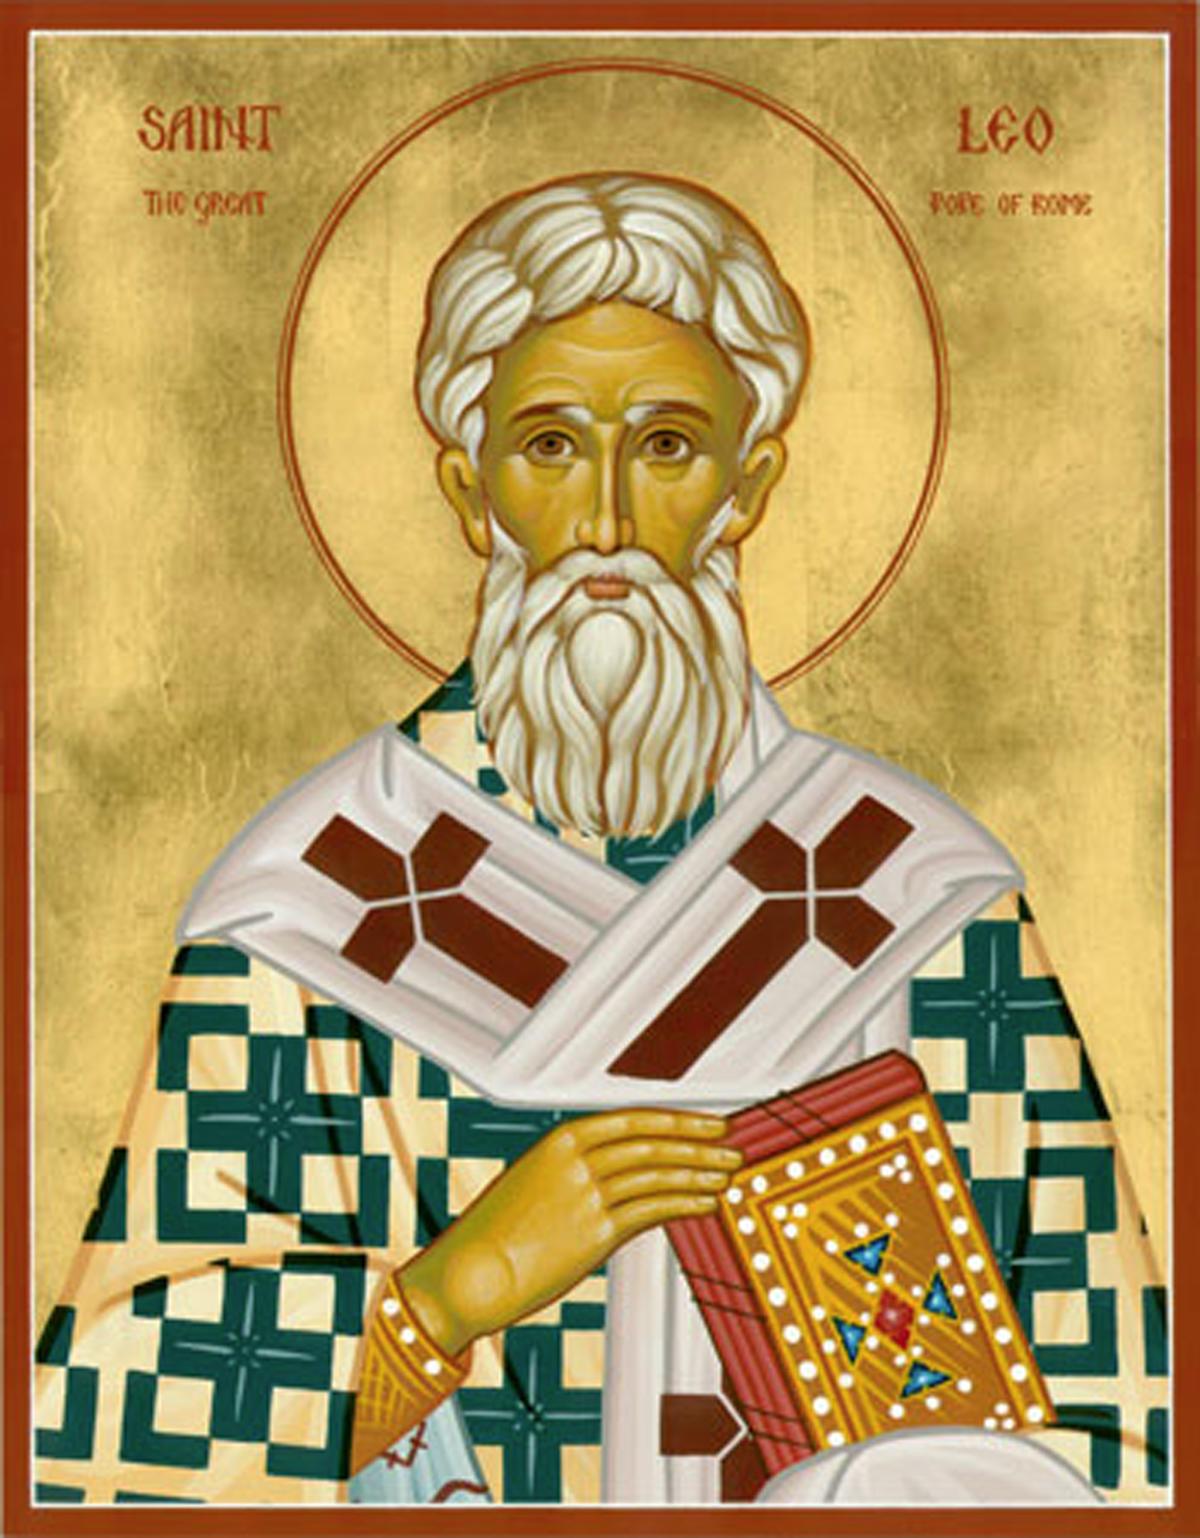 Именины льва по православному